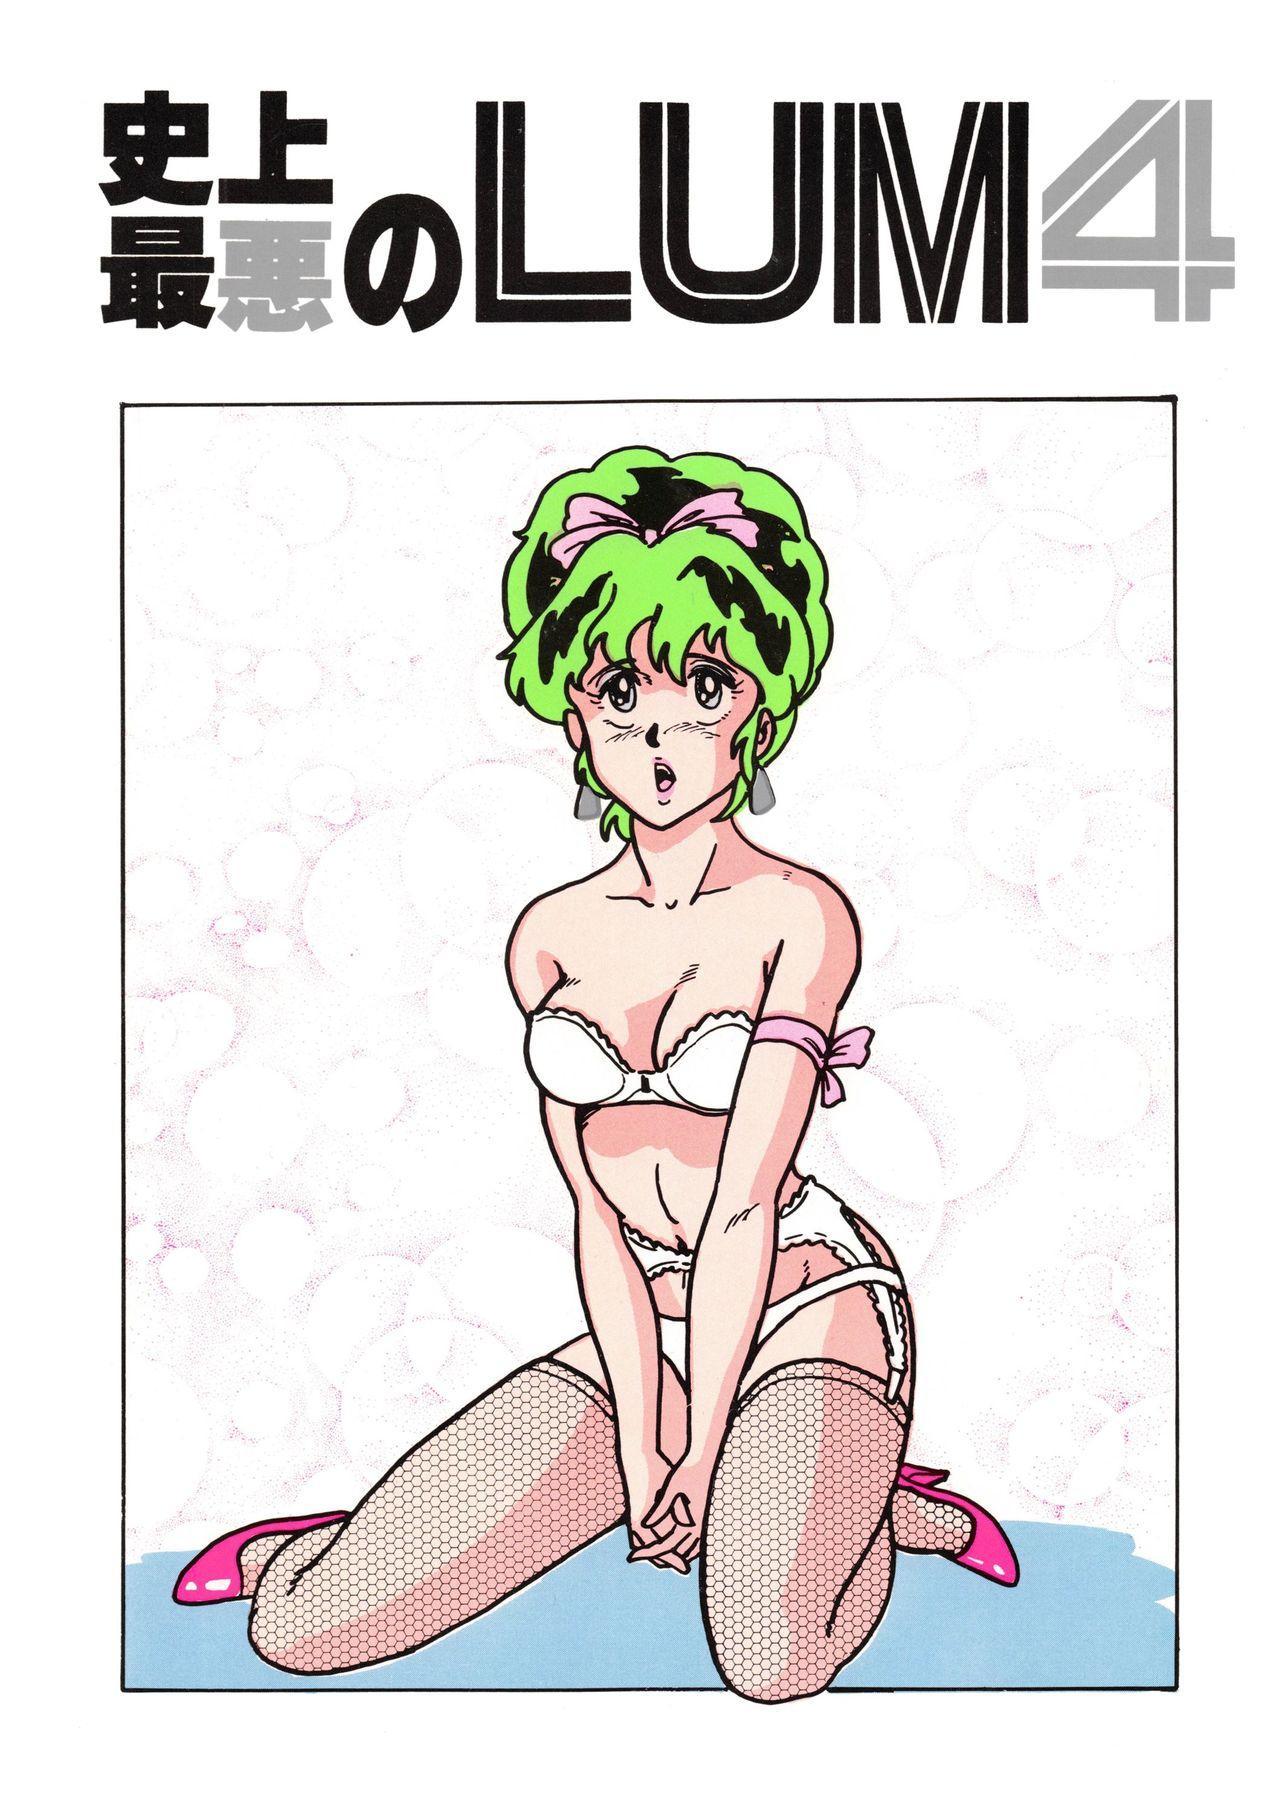 Shijou Saiaku no LUM 4 0